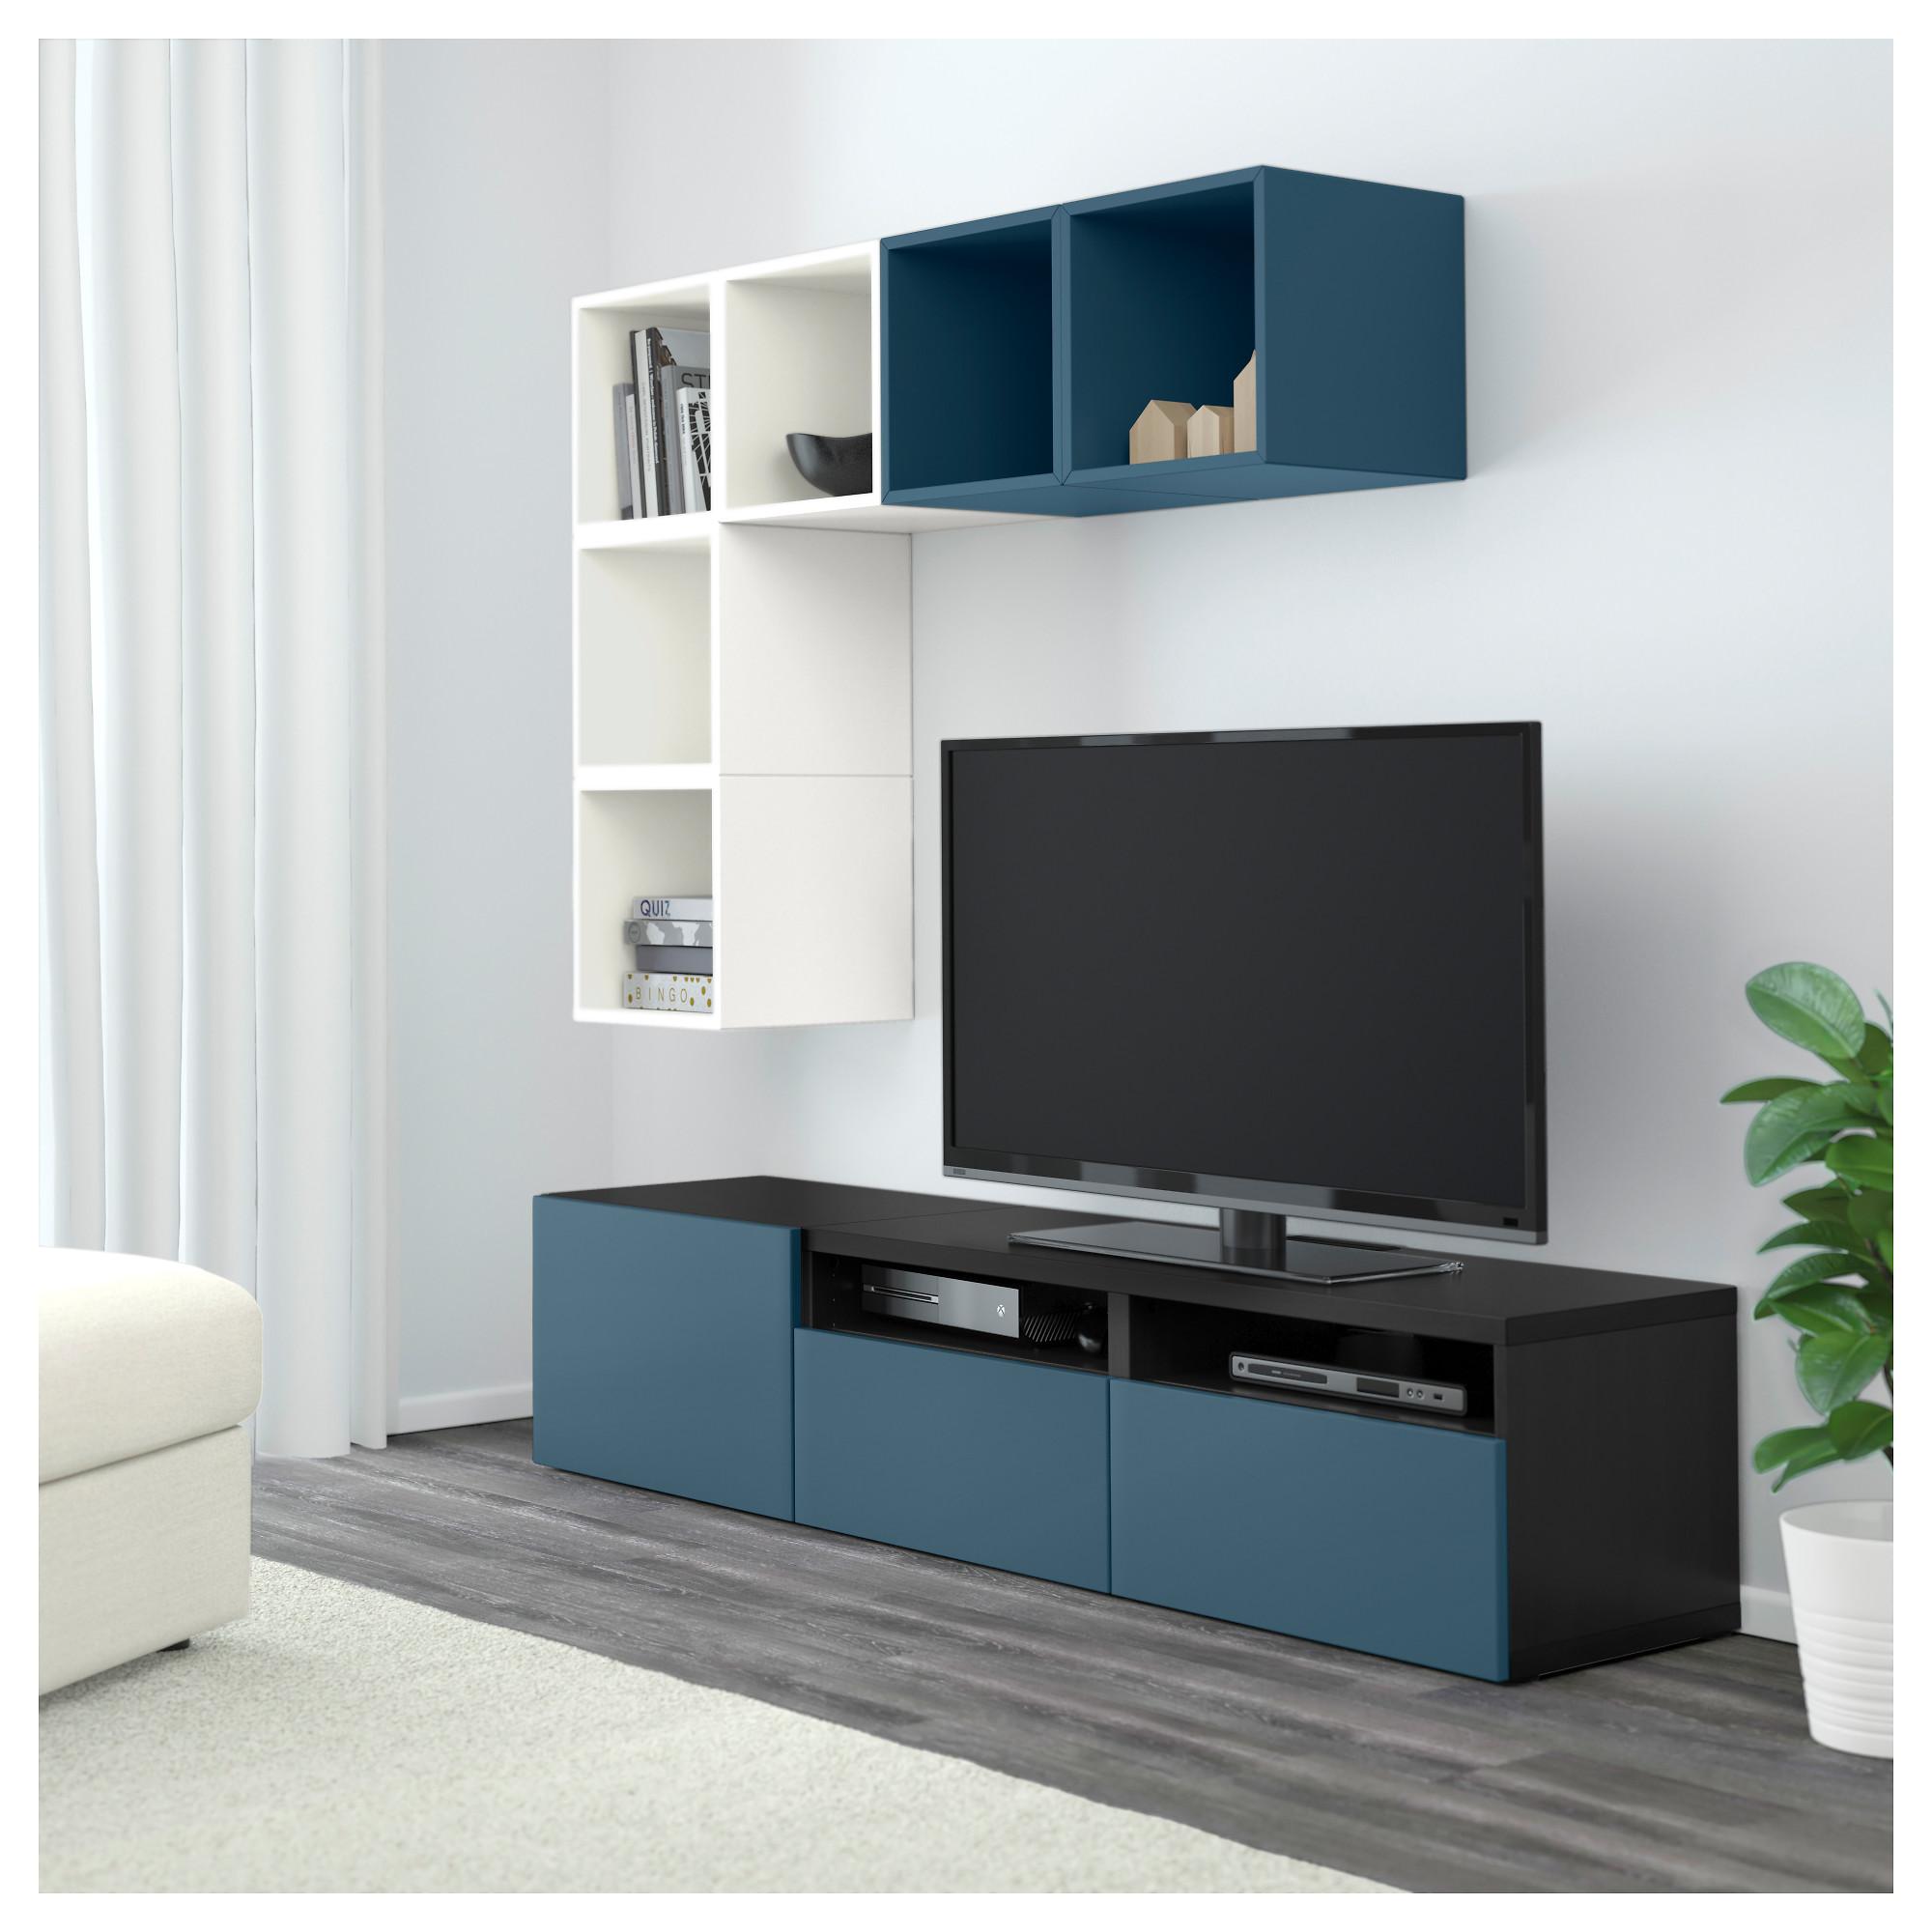 Комбинация для ТВ БЕСТО / ЭКЕТ темно-синий артикуль № 492.755.97 в наличии. Интернет каталог IKEA РБ. Быстрая доставка и установка.